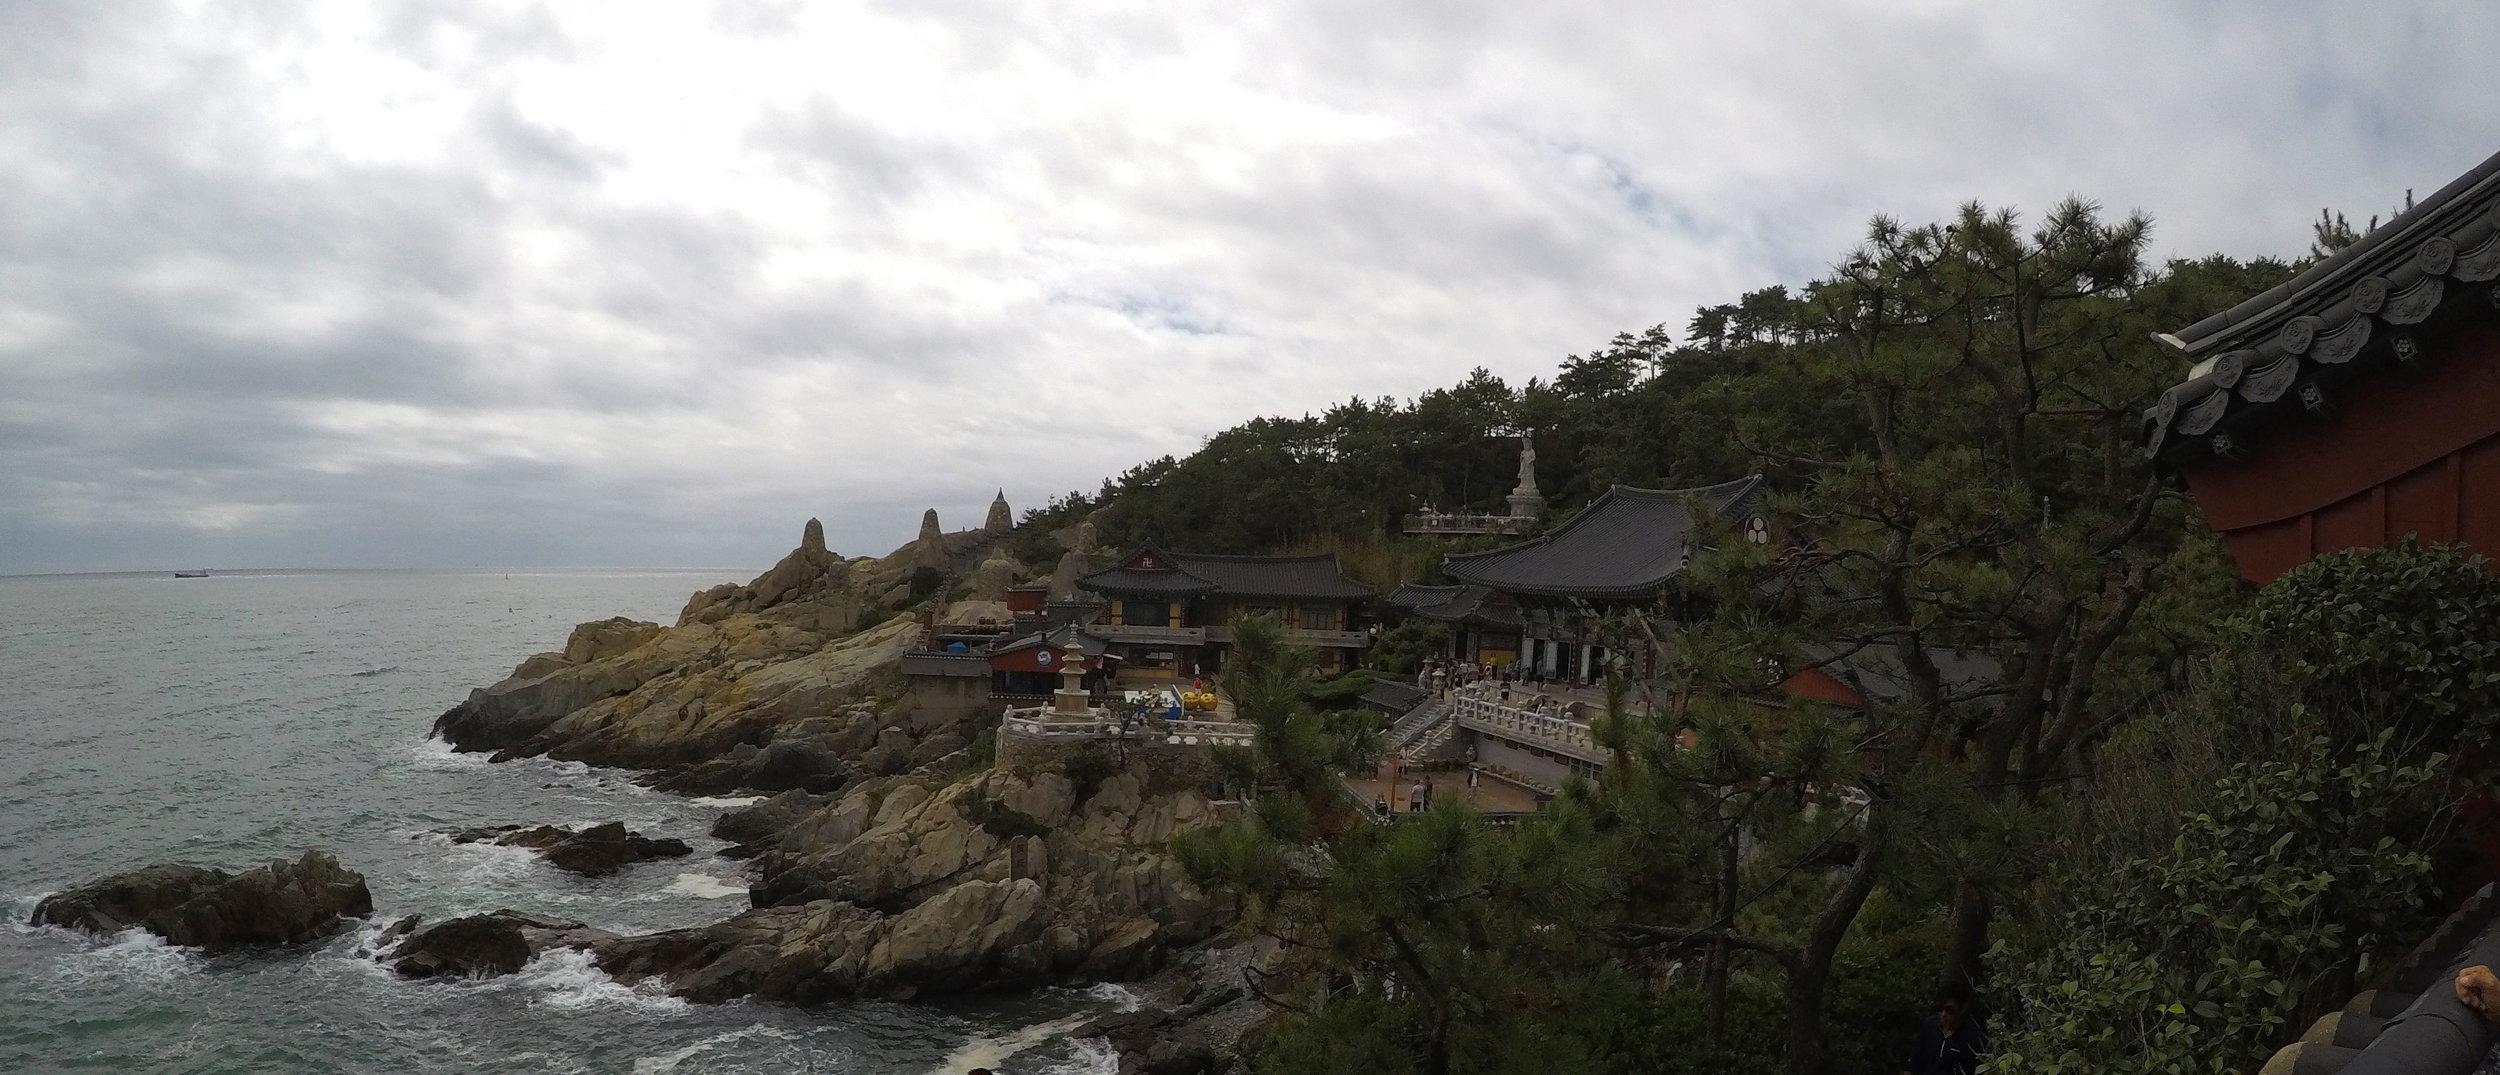 Hondae Yonggungsa Temple